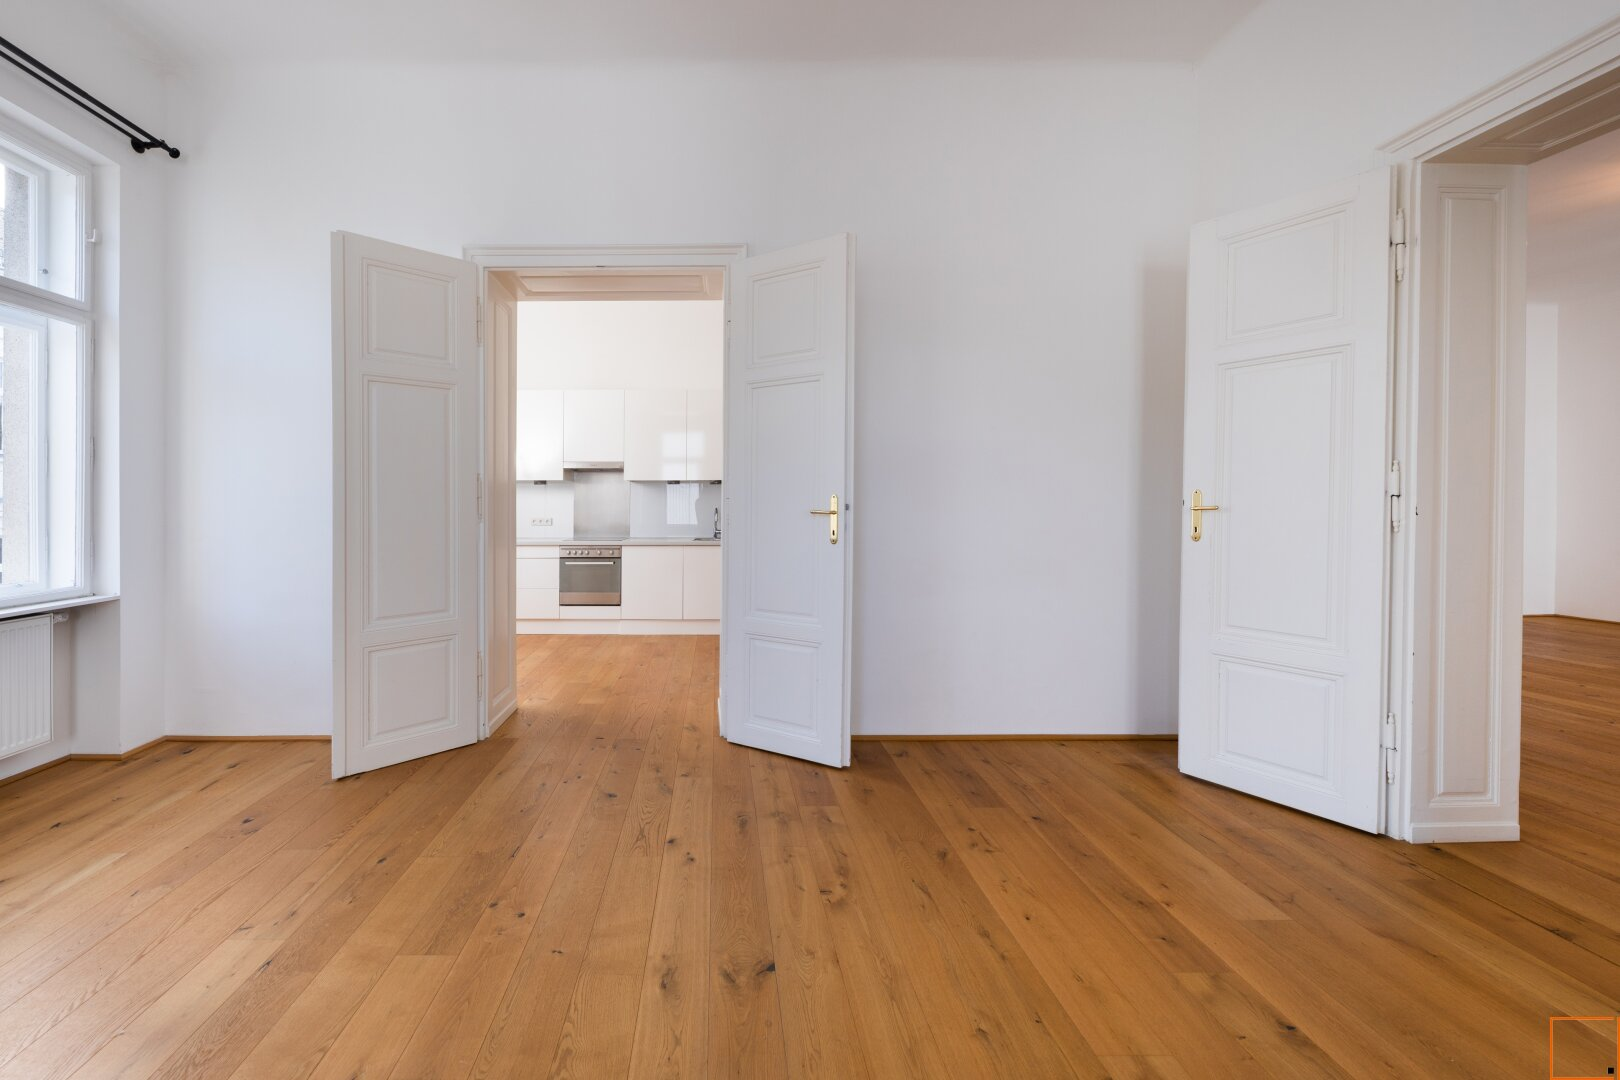 Esszimmer mit Blick in Küche und Wohnzimmer